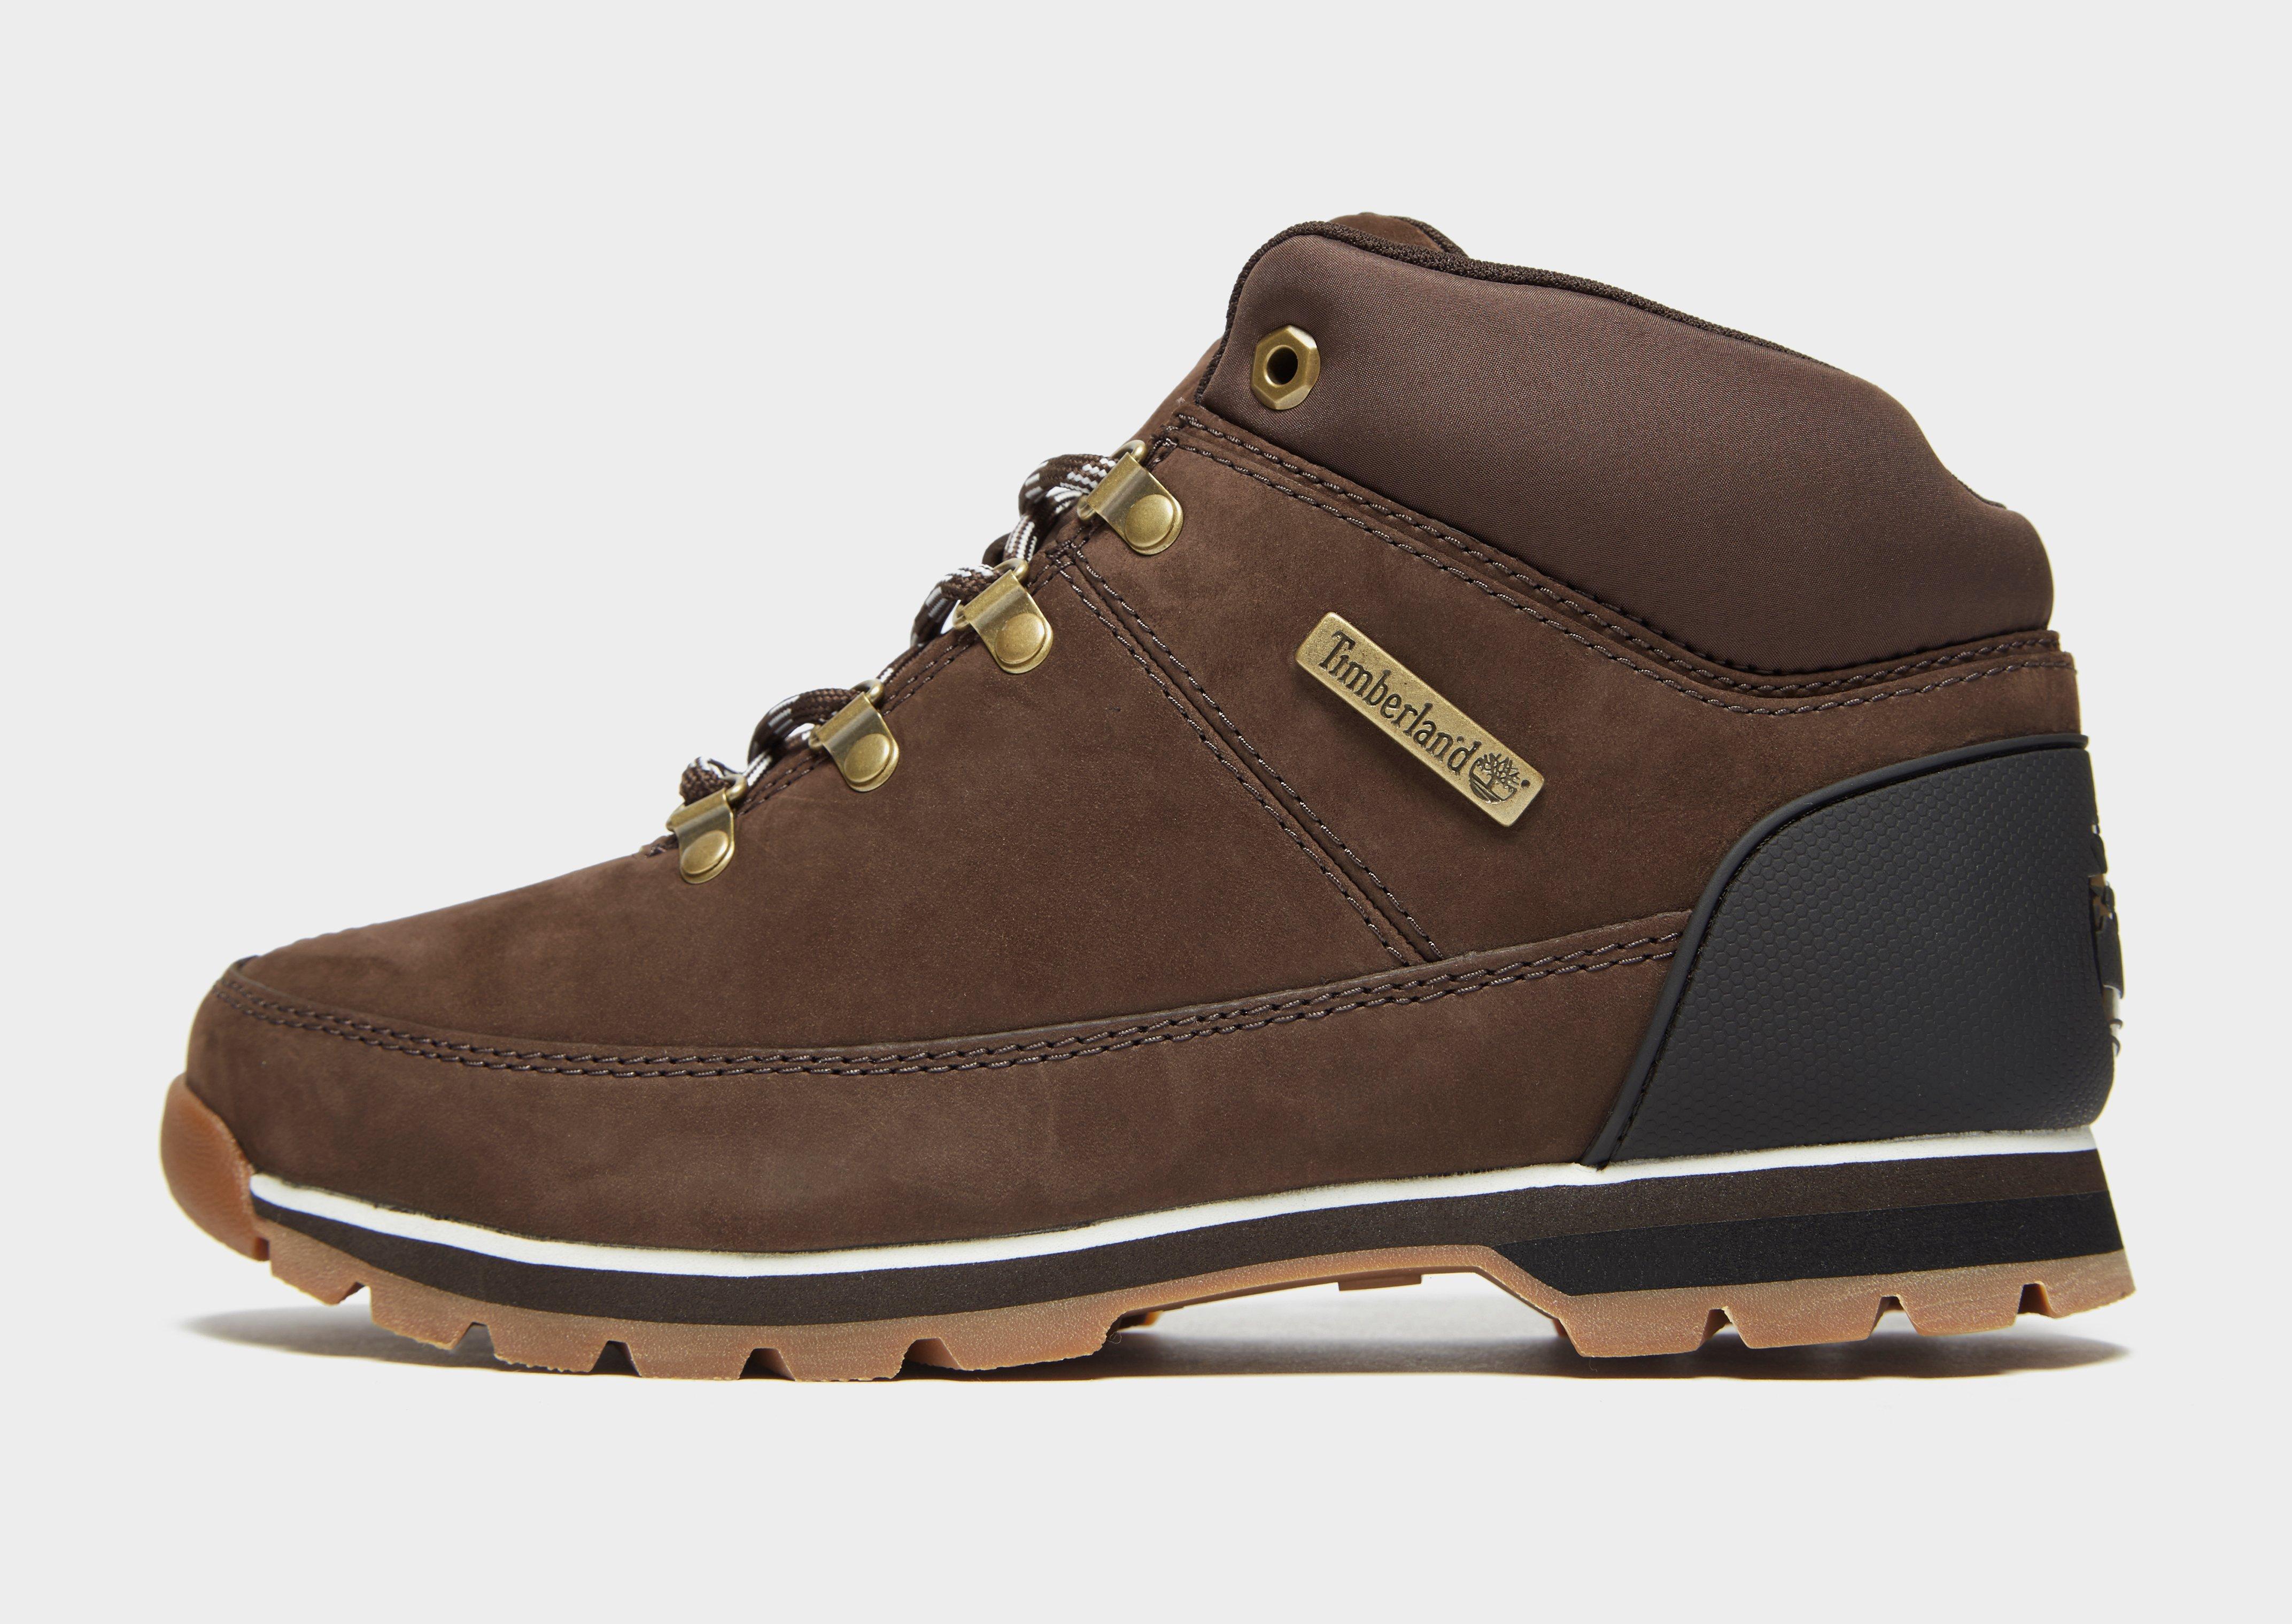 5a16b4d91c9 Details about New Timberland Calderbrook 3 Boots Brown